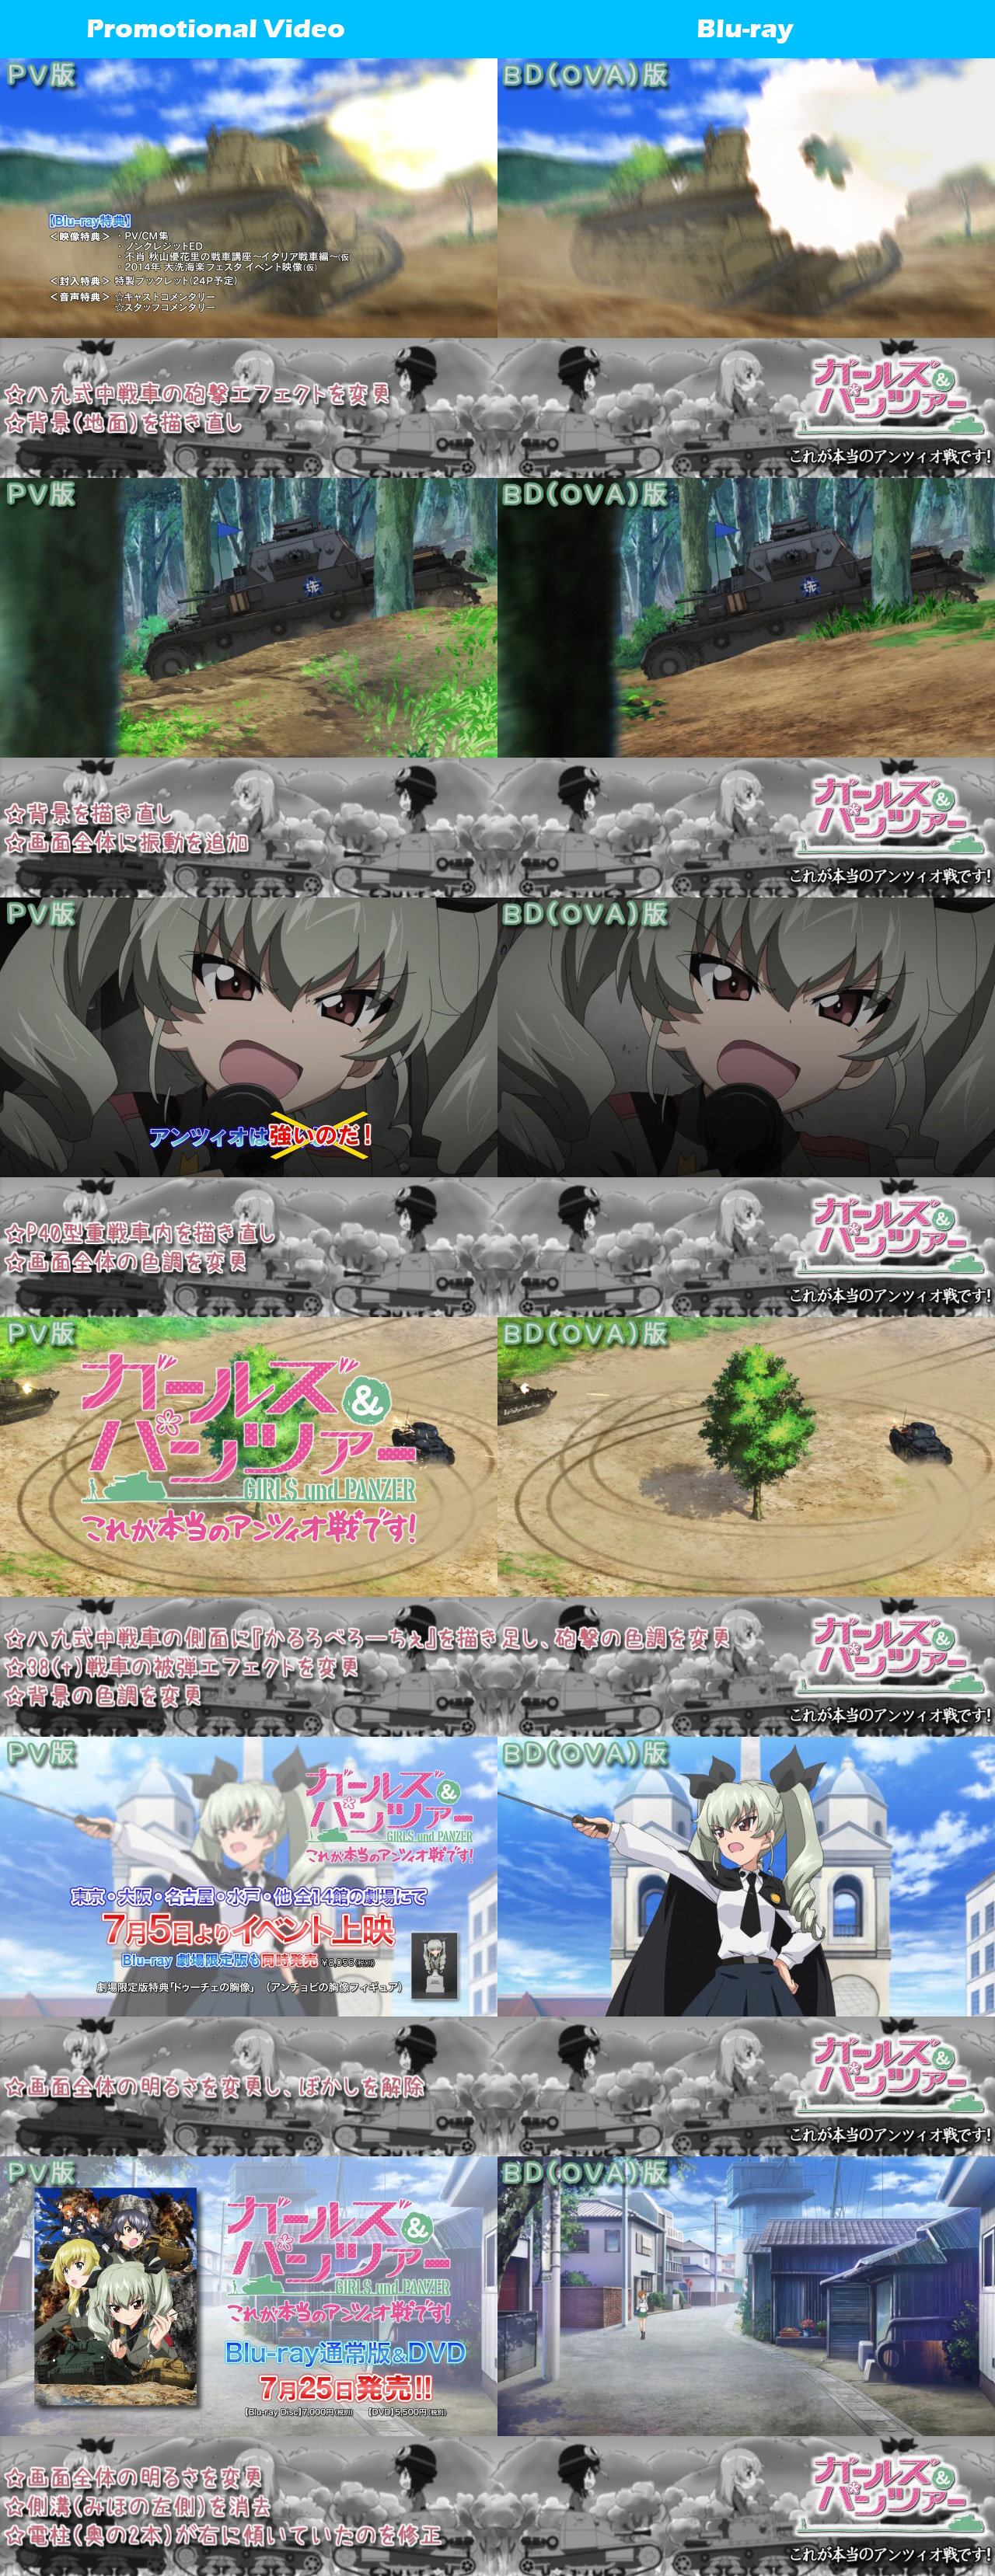 Girls-Und-Panzer-Kore-Ga-Hontou-No-Anzio-Sen-Desu-TV-and-Blu-ray-Comparison-5